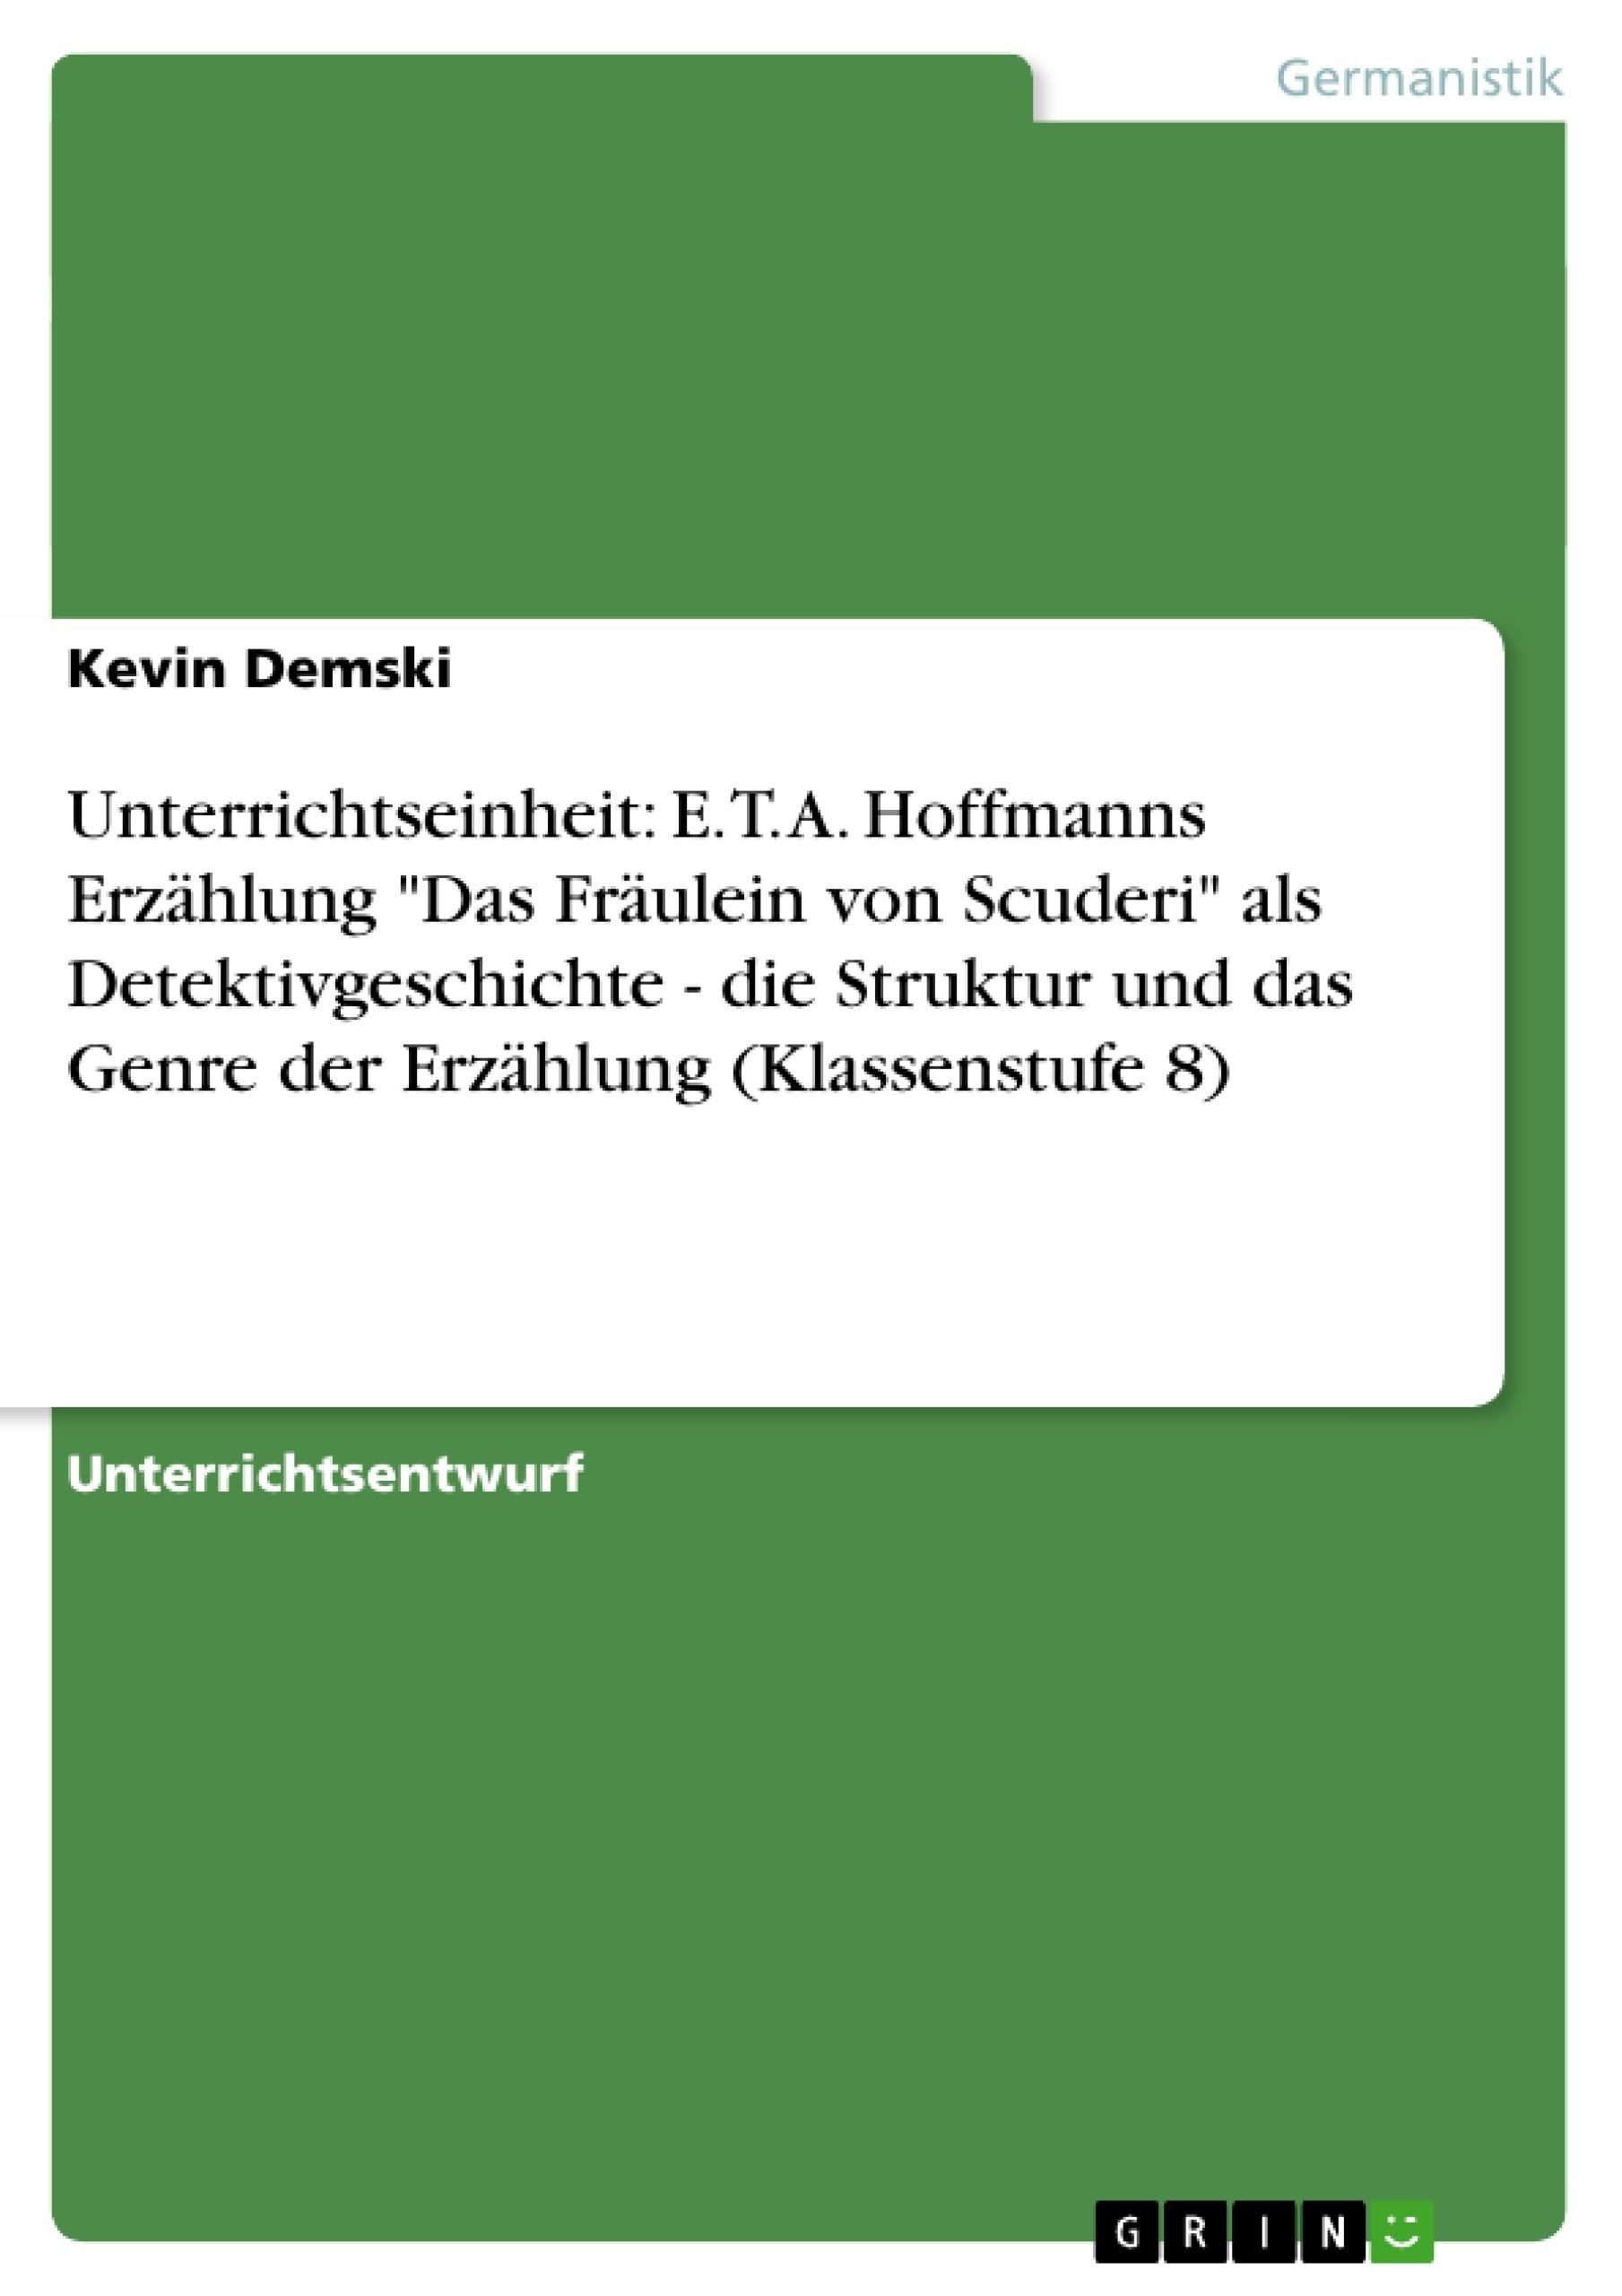 """Titel: Unterrichtseinheit: E. T. A. Hoffmanns Erzählung """"Das Fräulein von Scuderi"""" als Detektivgeschichte - die Struktur und das Genre der Erzählung (Klassenstufe 8)"""